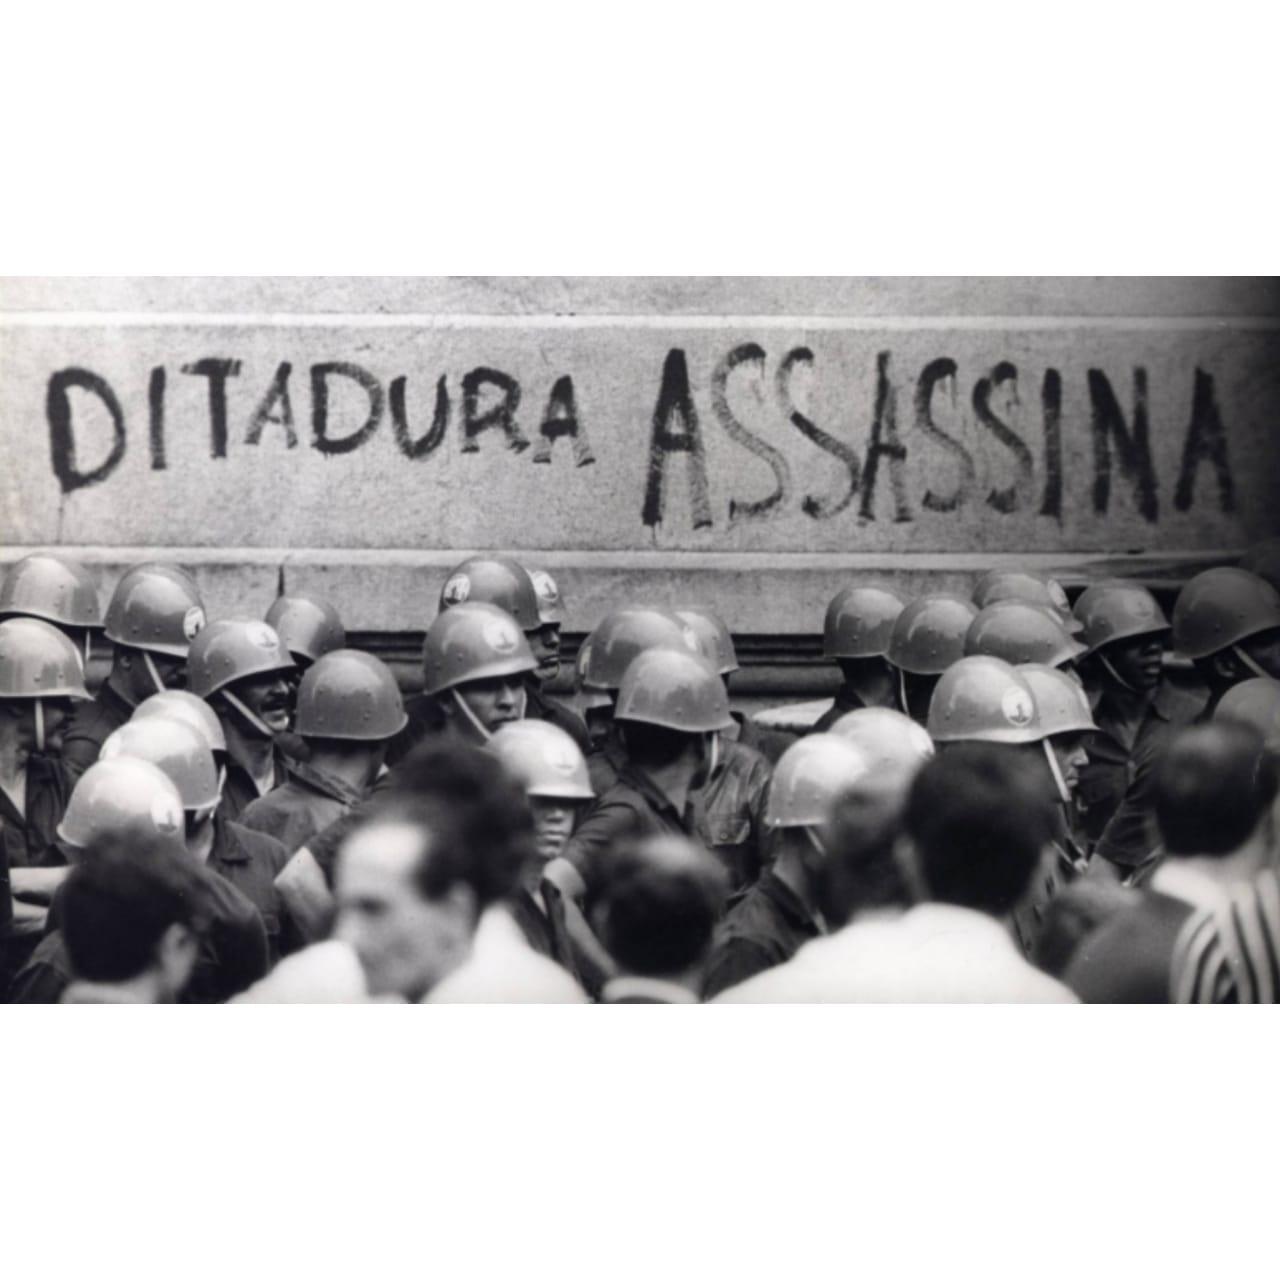 AI-5 completa 51 anos, entre repúdio à ditadura e defensores do autoritarismo